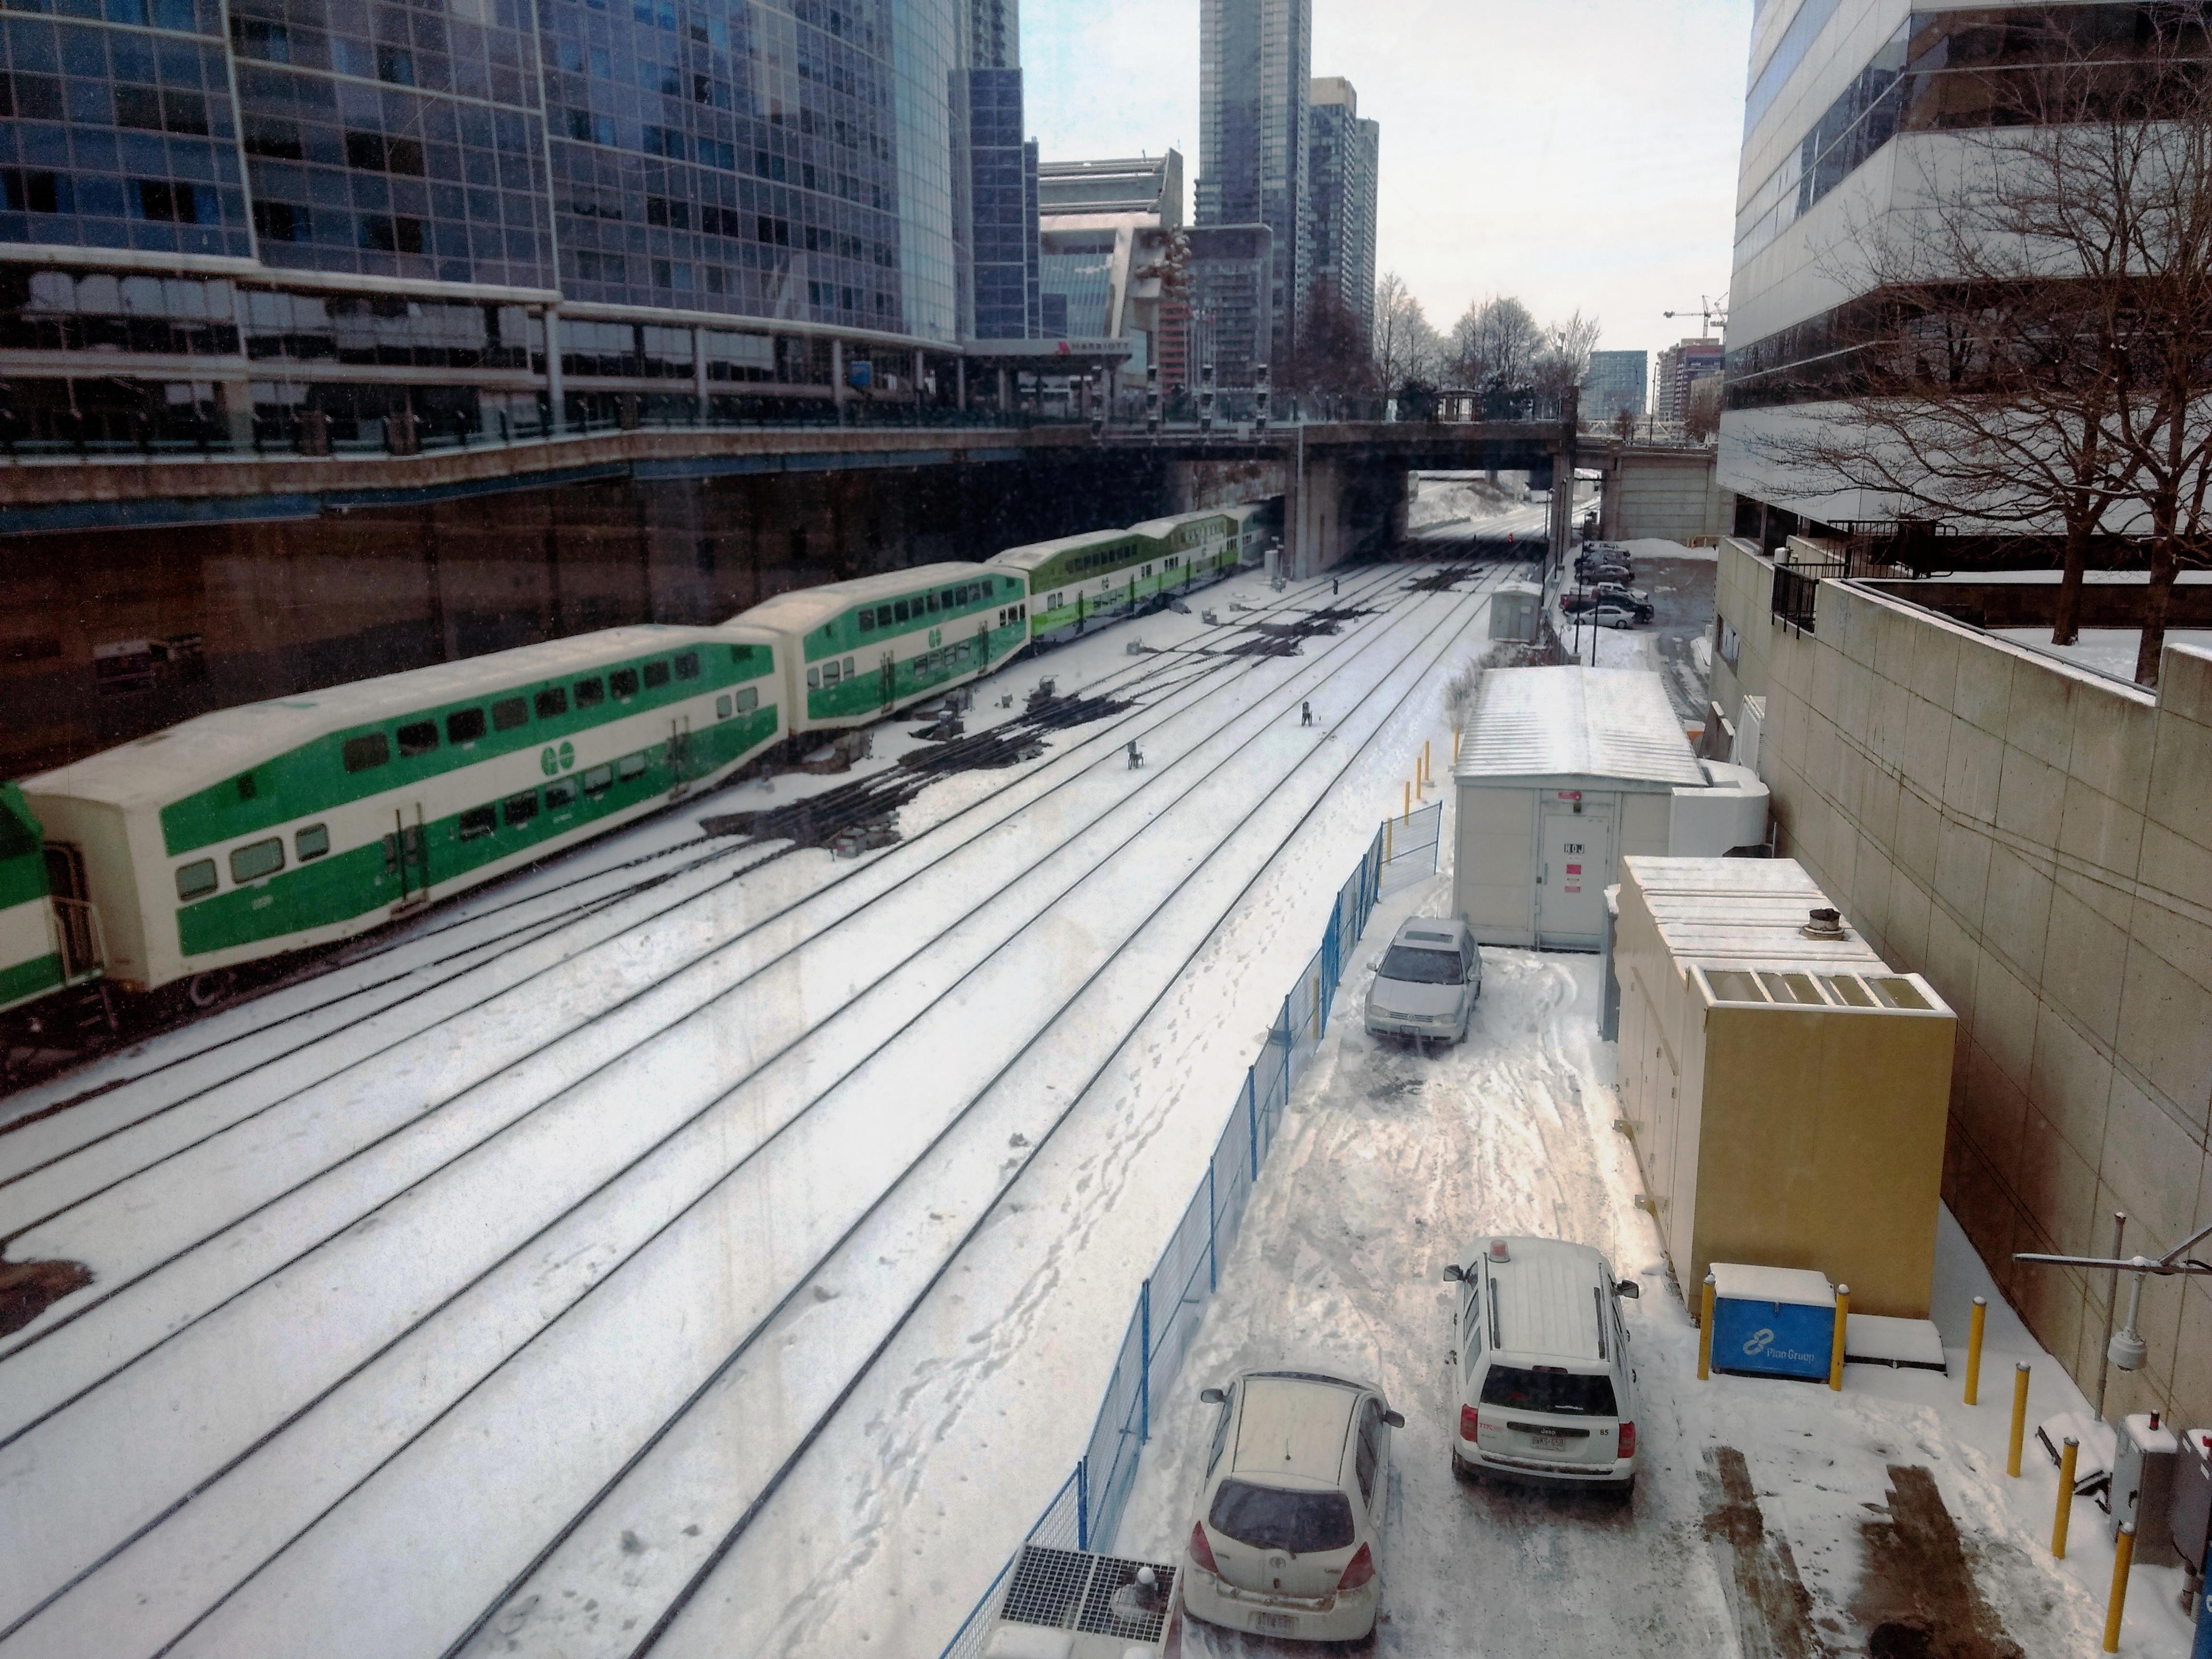 Tren canadiense en Toronto